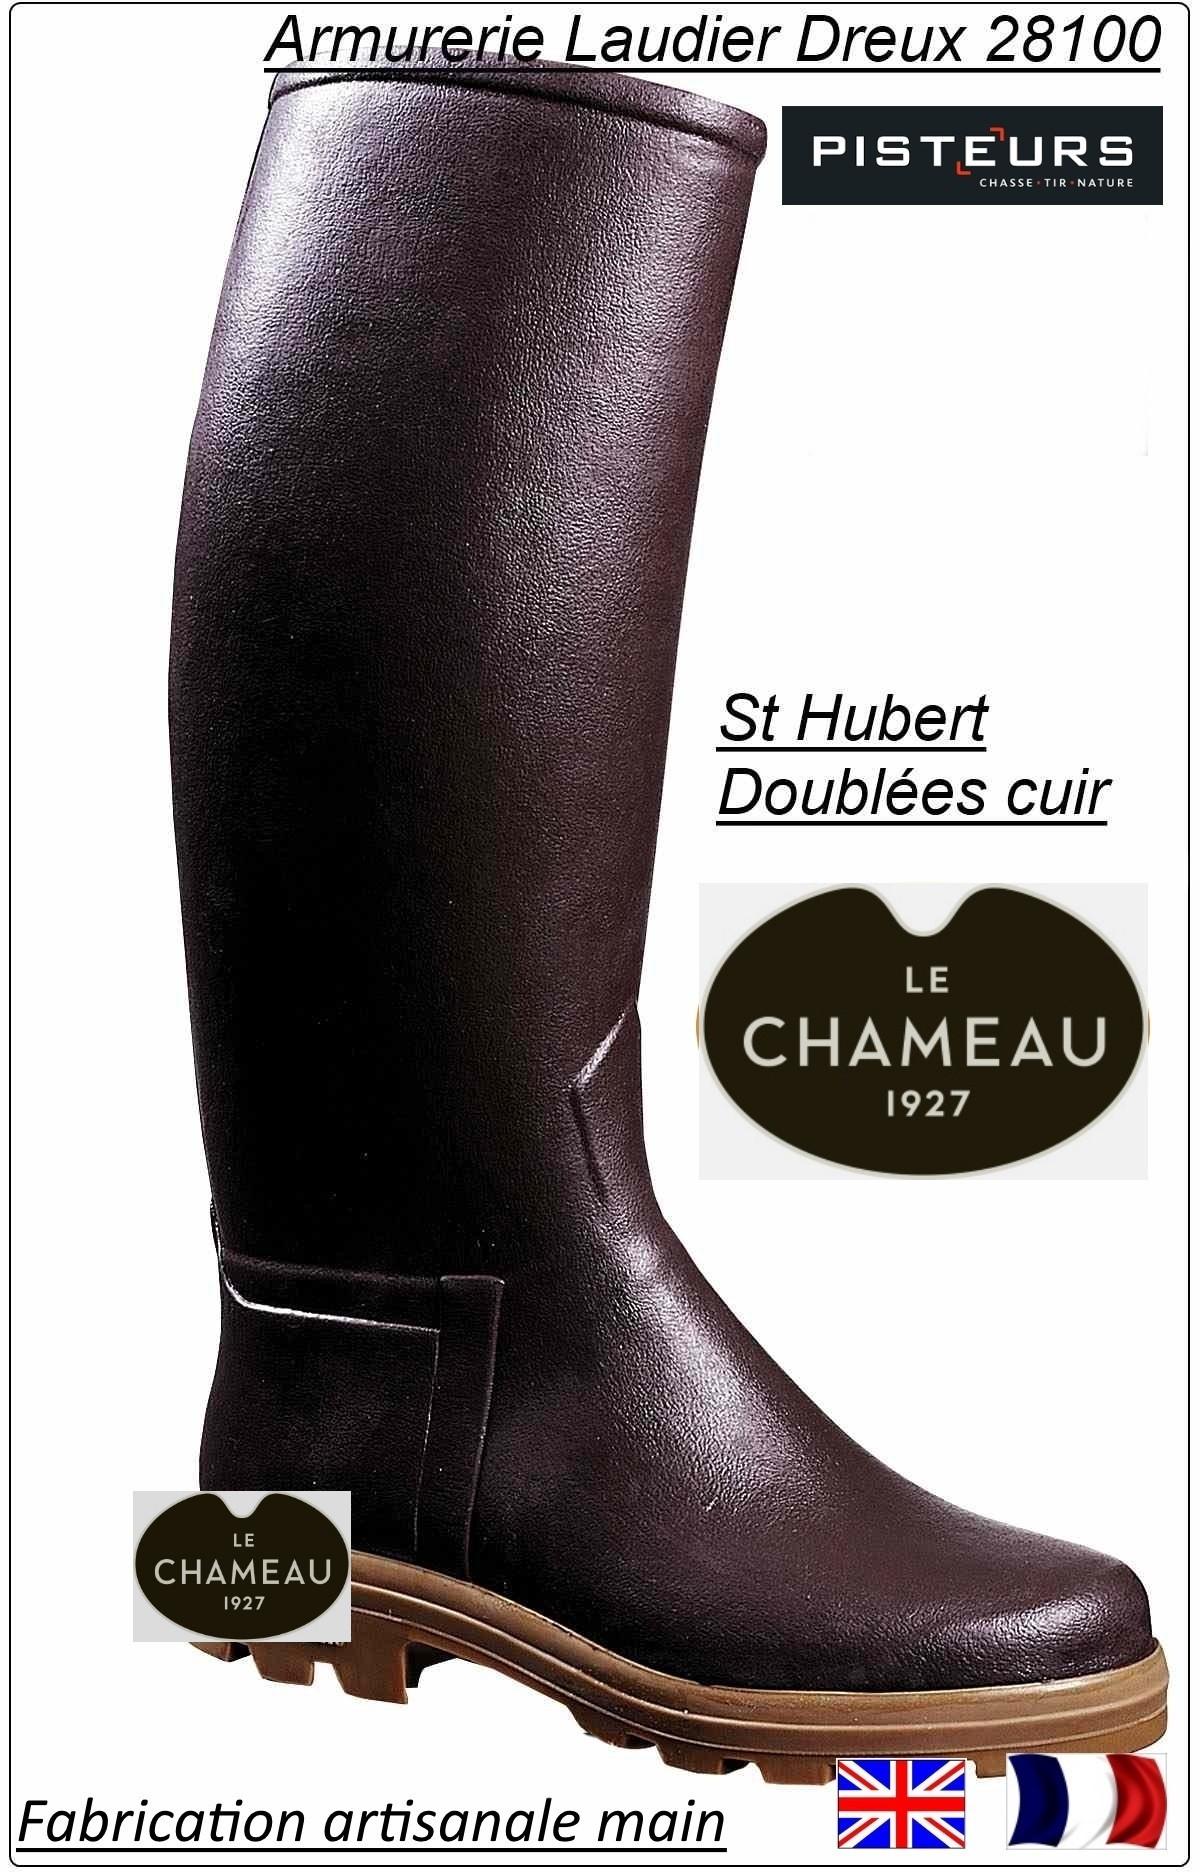 Bottes le Chameau Saint Hubert doublées cuir  marron ou noires Promotion Anniversaire 235 € ttc au lieu de 285 € ttc